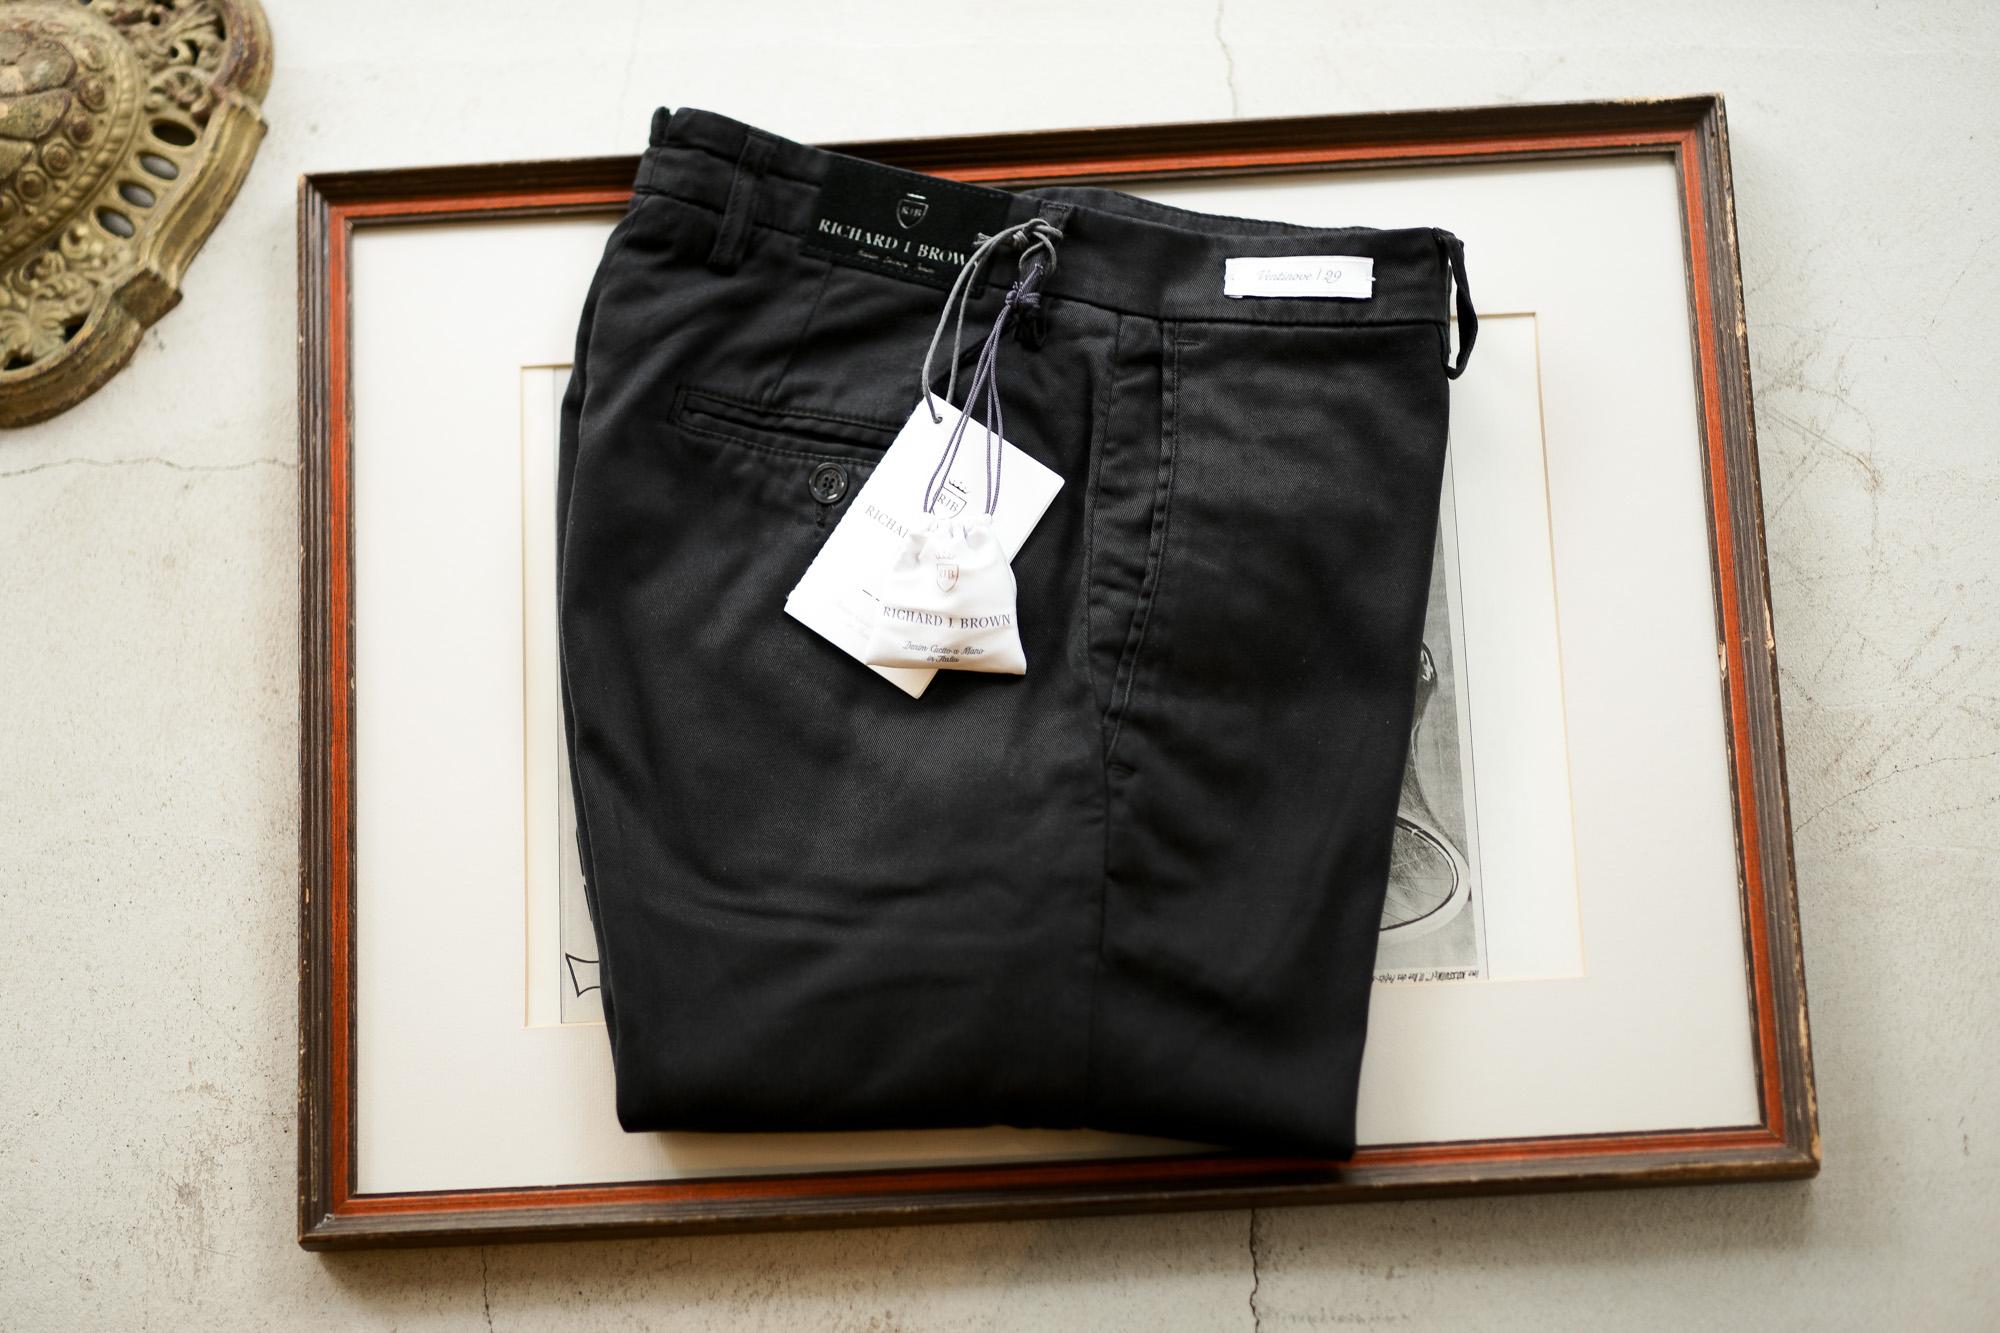 RICHARD J.BROWN(リチャードジェイブラウン) SINGAPORE (シンガポール) ストレッチ リヨセル パンツ BLACK (ブラック・T166 999) MADE IN ITALY (イタリア製) 2020 春夏新作 愛知 名古屋 altoediritto アルトエデリット ジーンズ